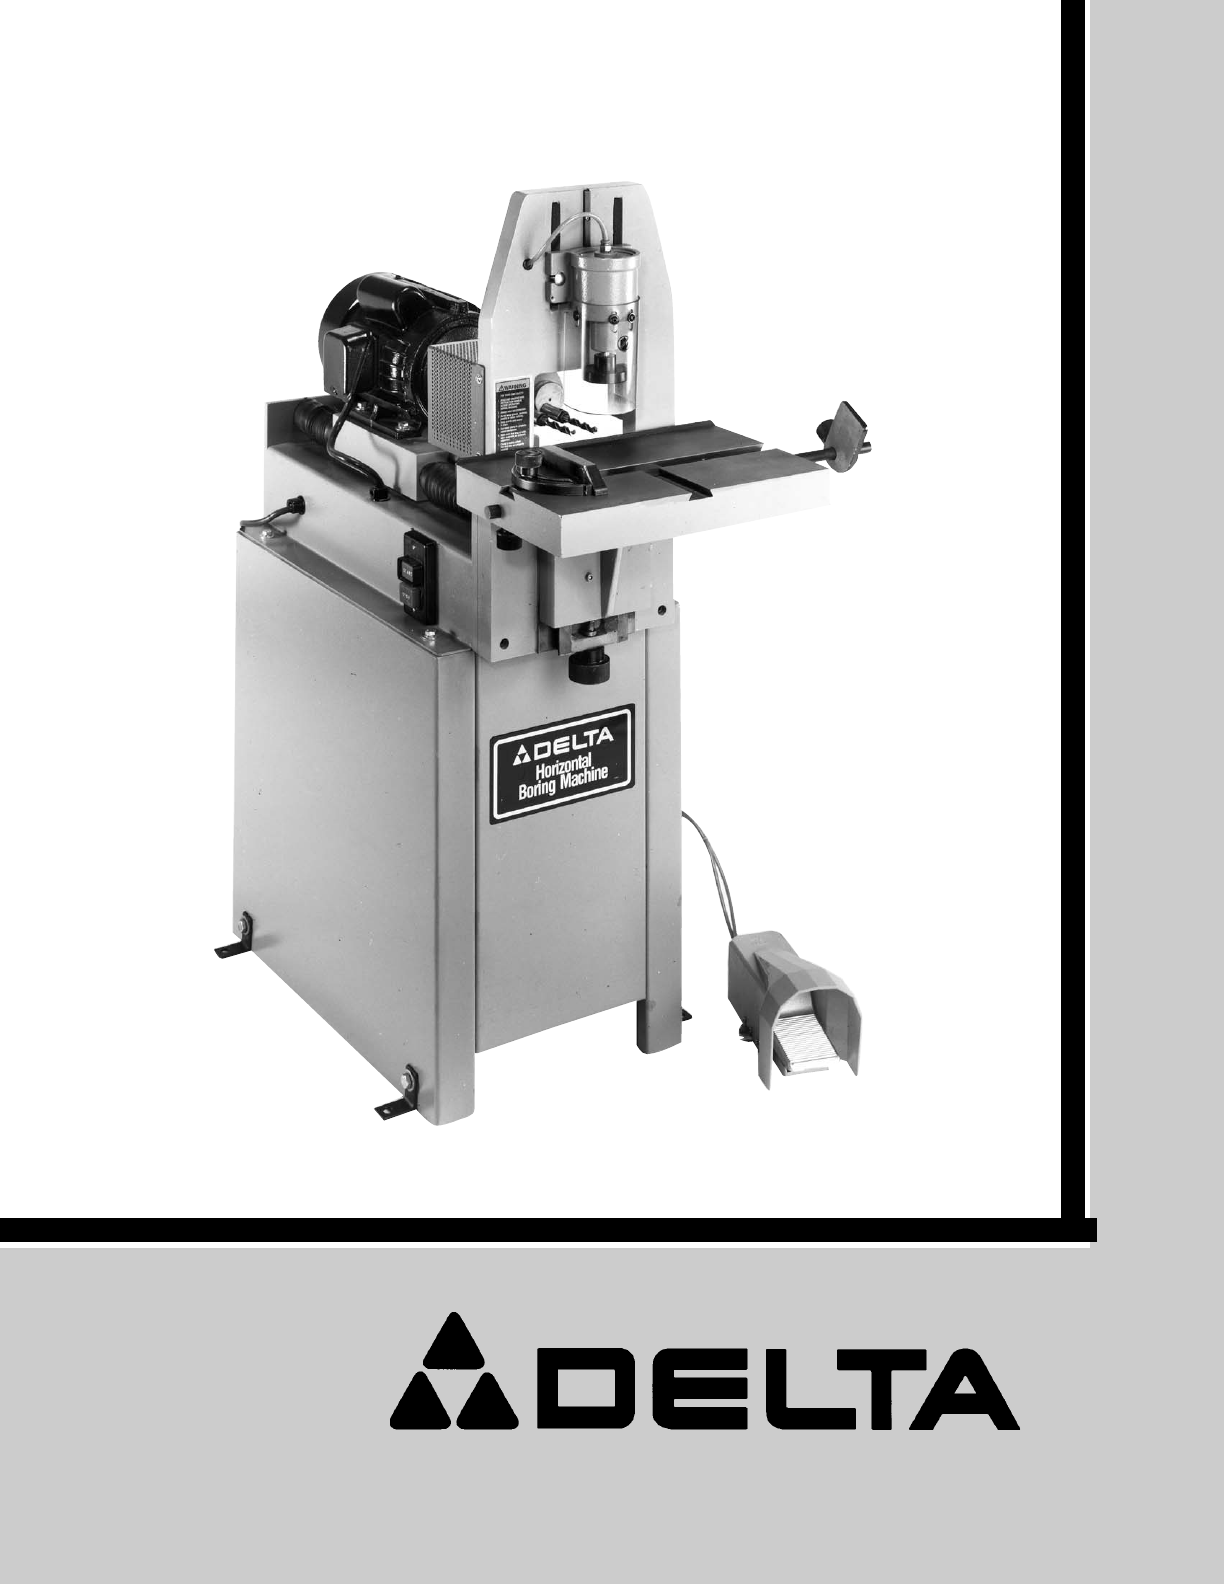 delta vfd b user manual pdf